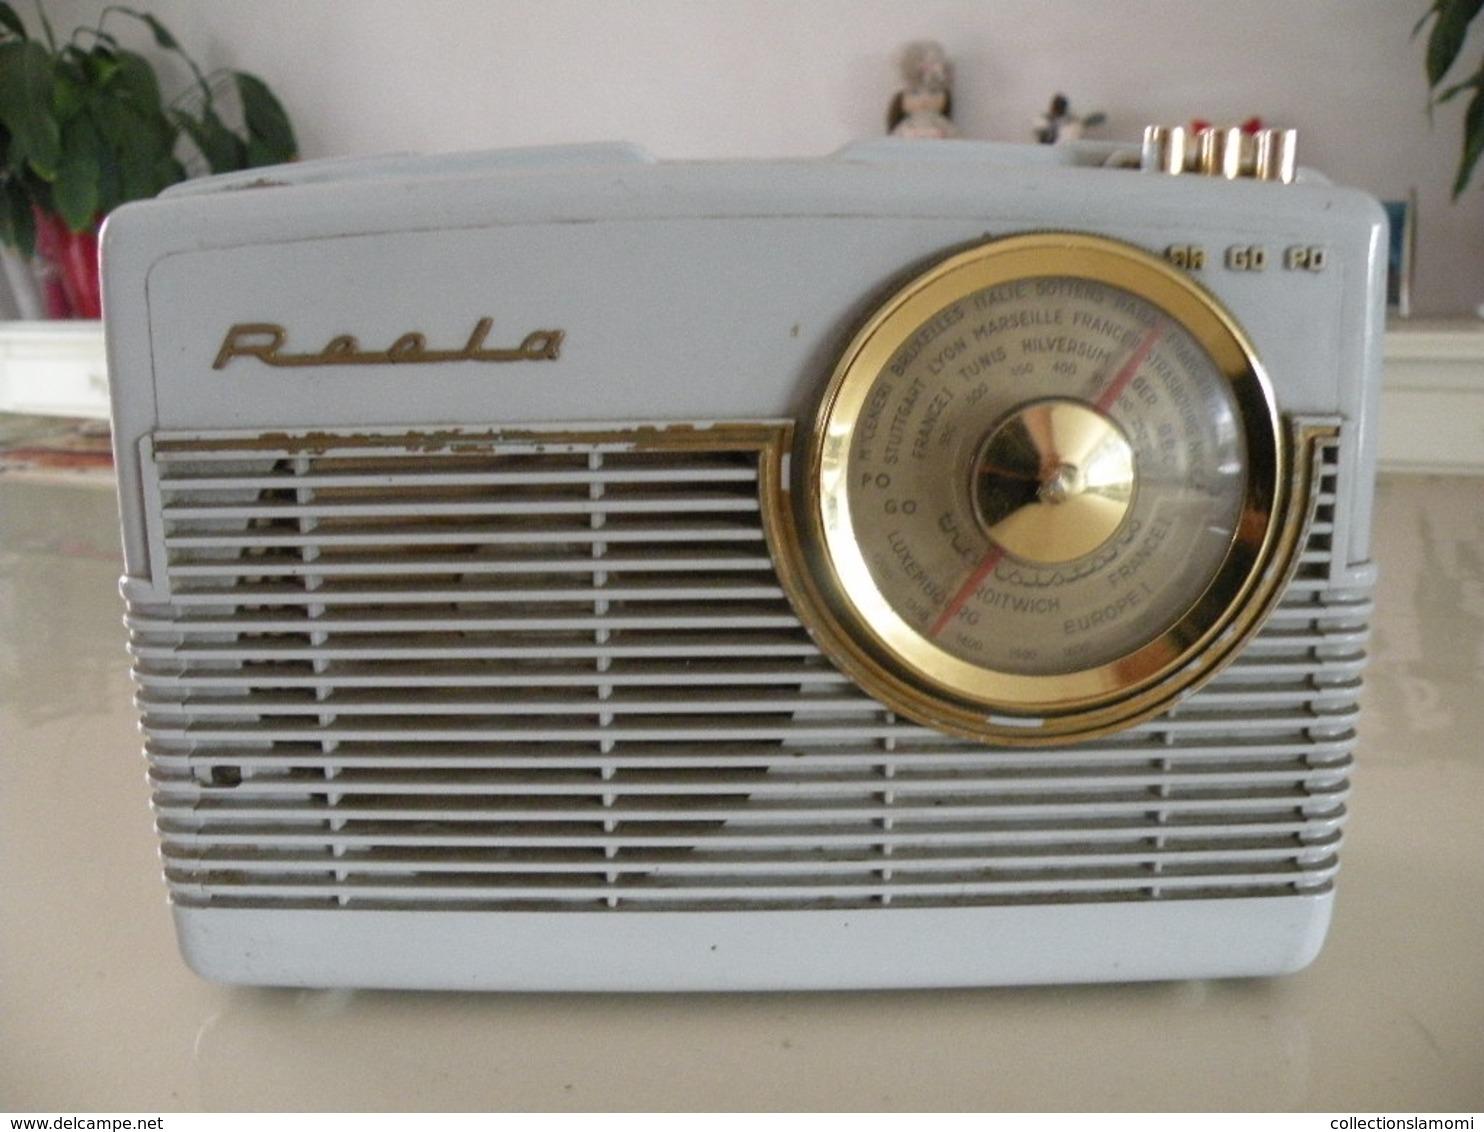 Ancienne Radio Transistors (Roola) En état De Fonction (0,23 Cm X 0,10 Cm H 0,16 Cm) - Appareils